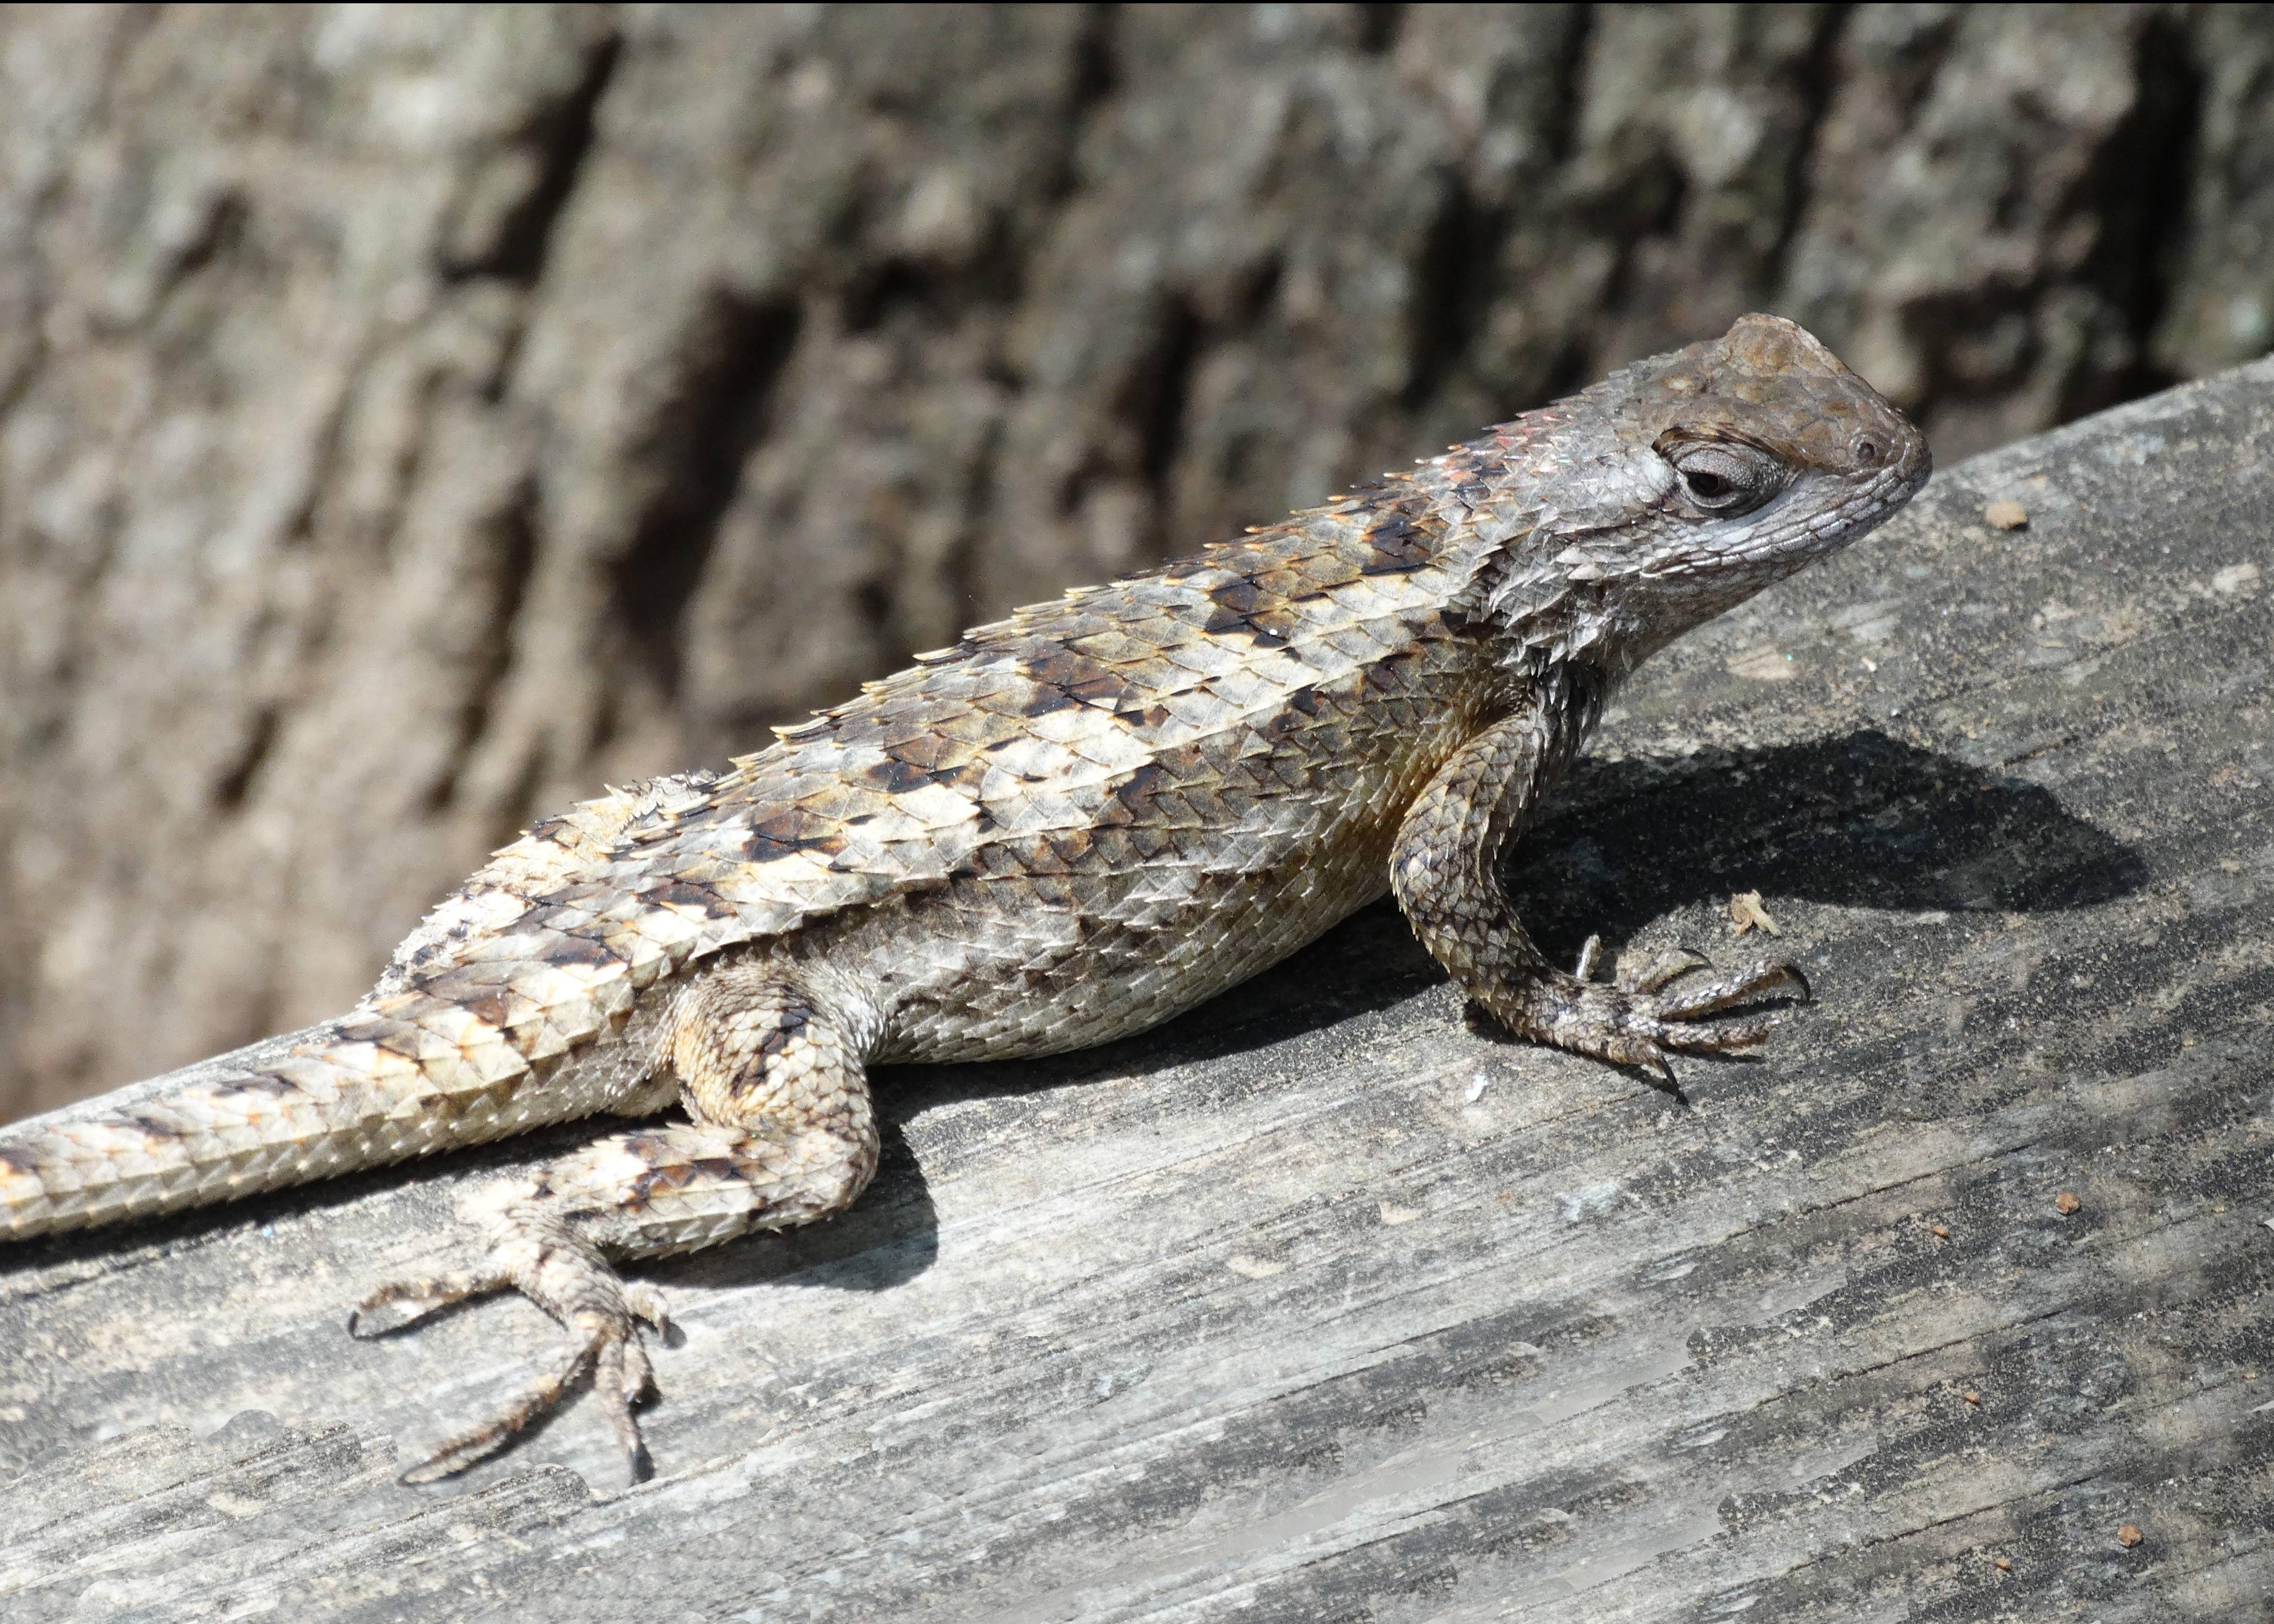 Divine Inspiration Photo #12A - Texas Spiny Lizard - 8 x 10